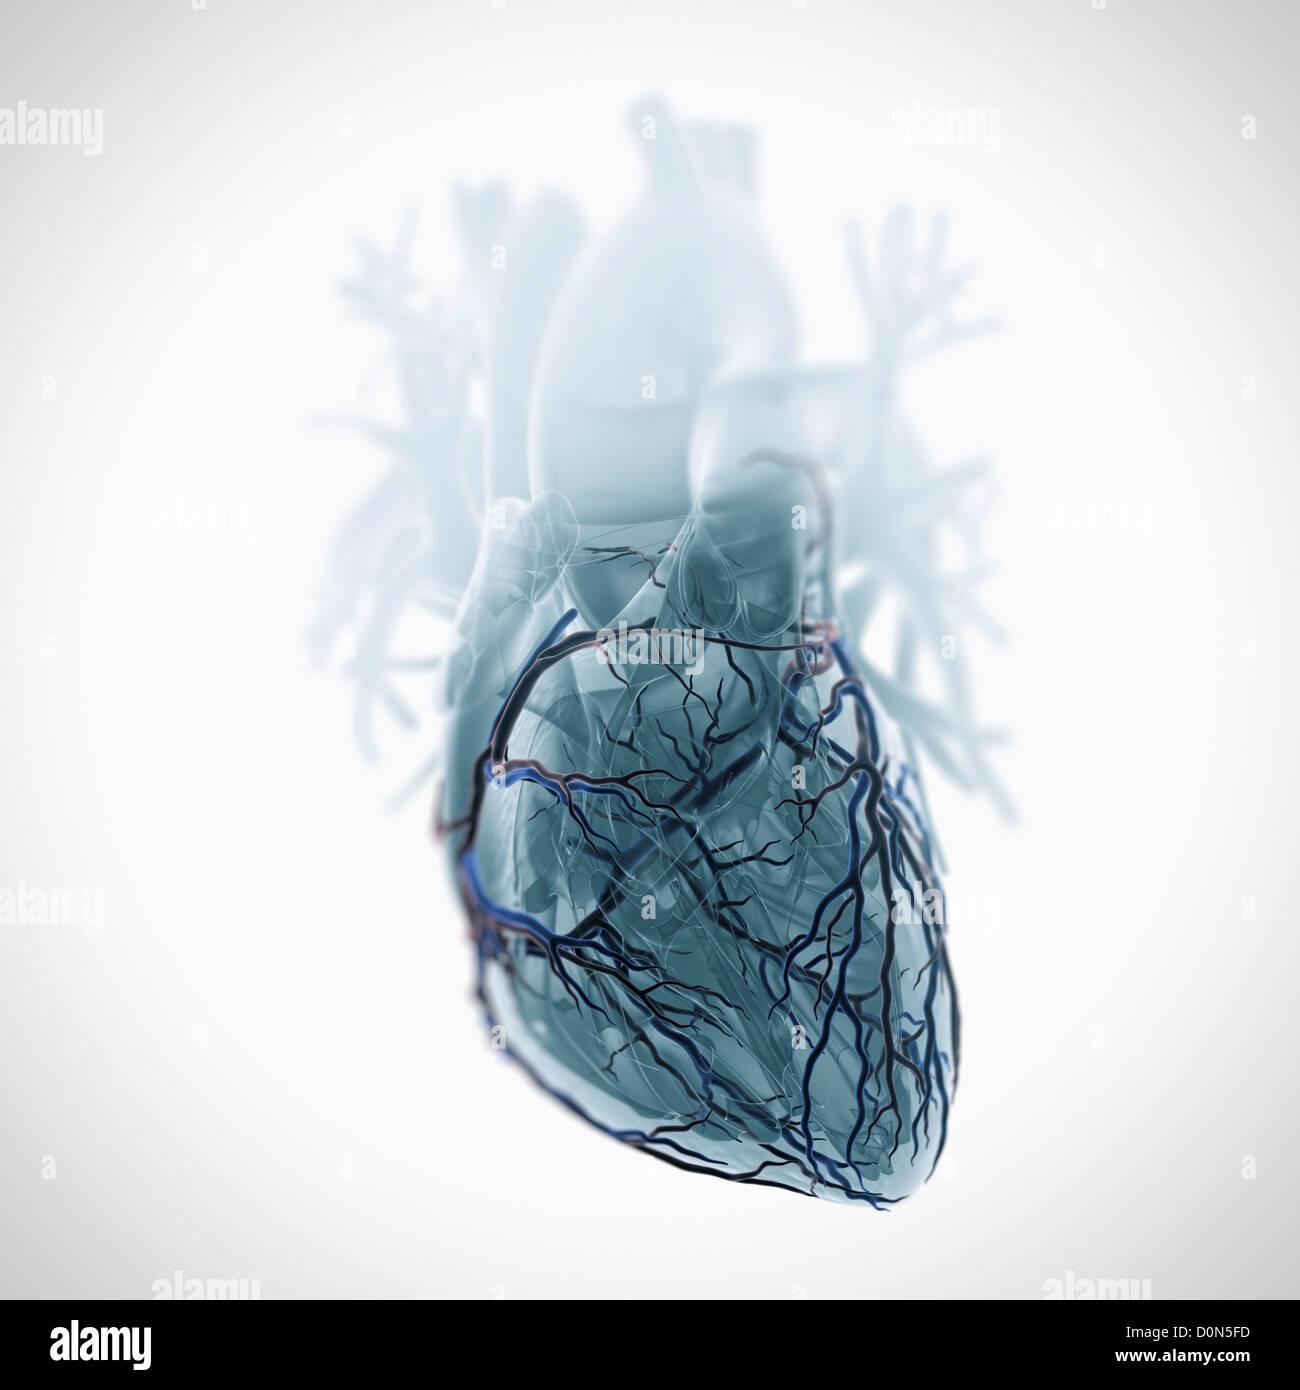 Vorderansicht des Herzens mit Herzkranzgefäße sichtbar eine ...